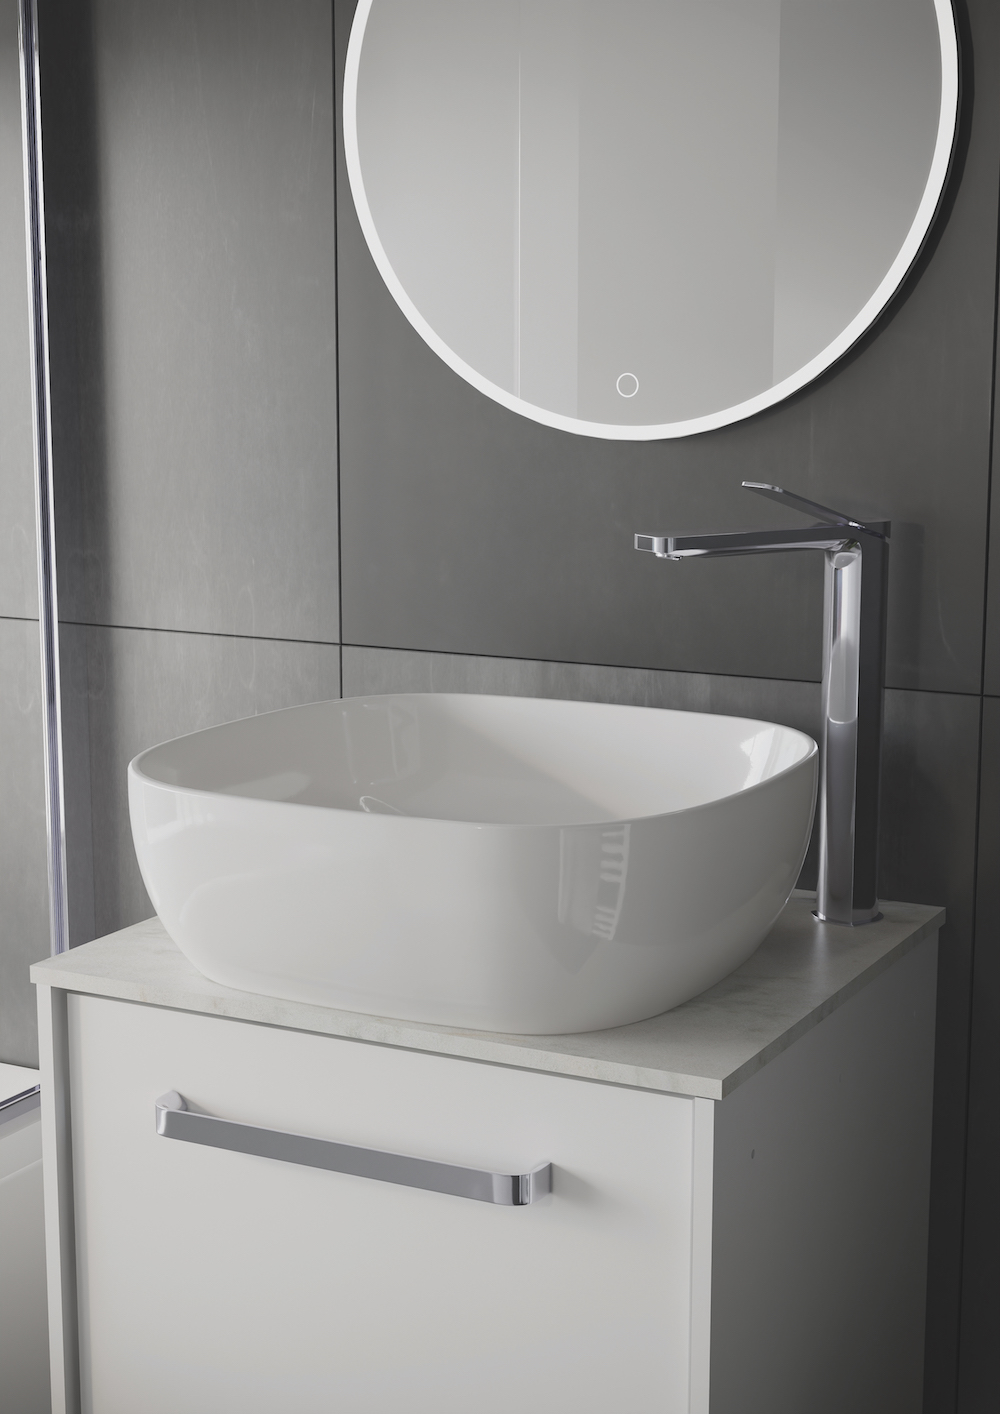 Hotel design | A grey modern bathroom with white ceramic bath and washbasin